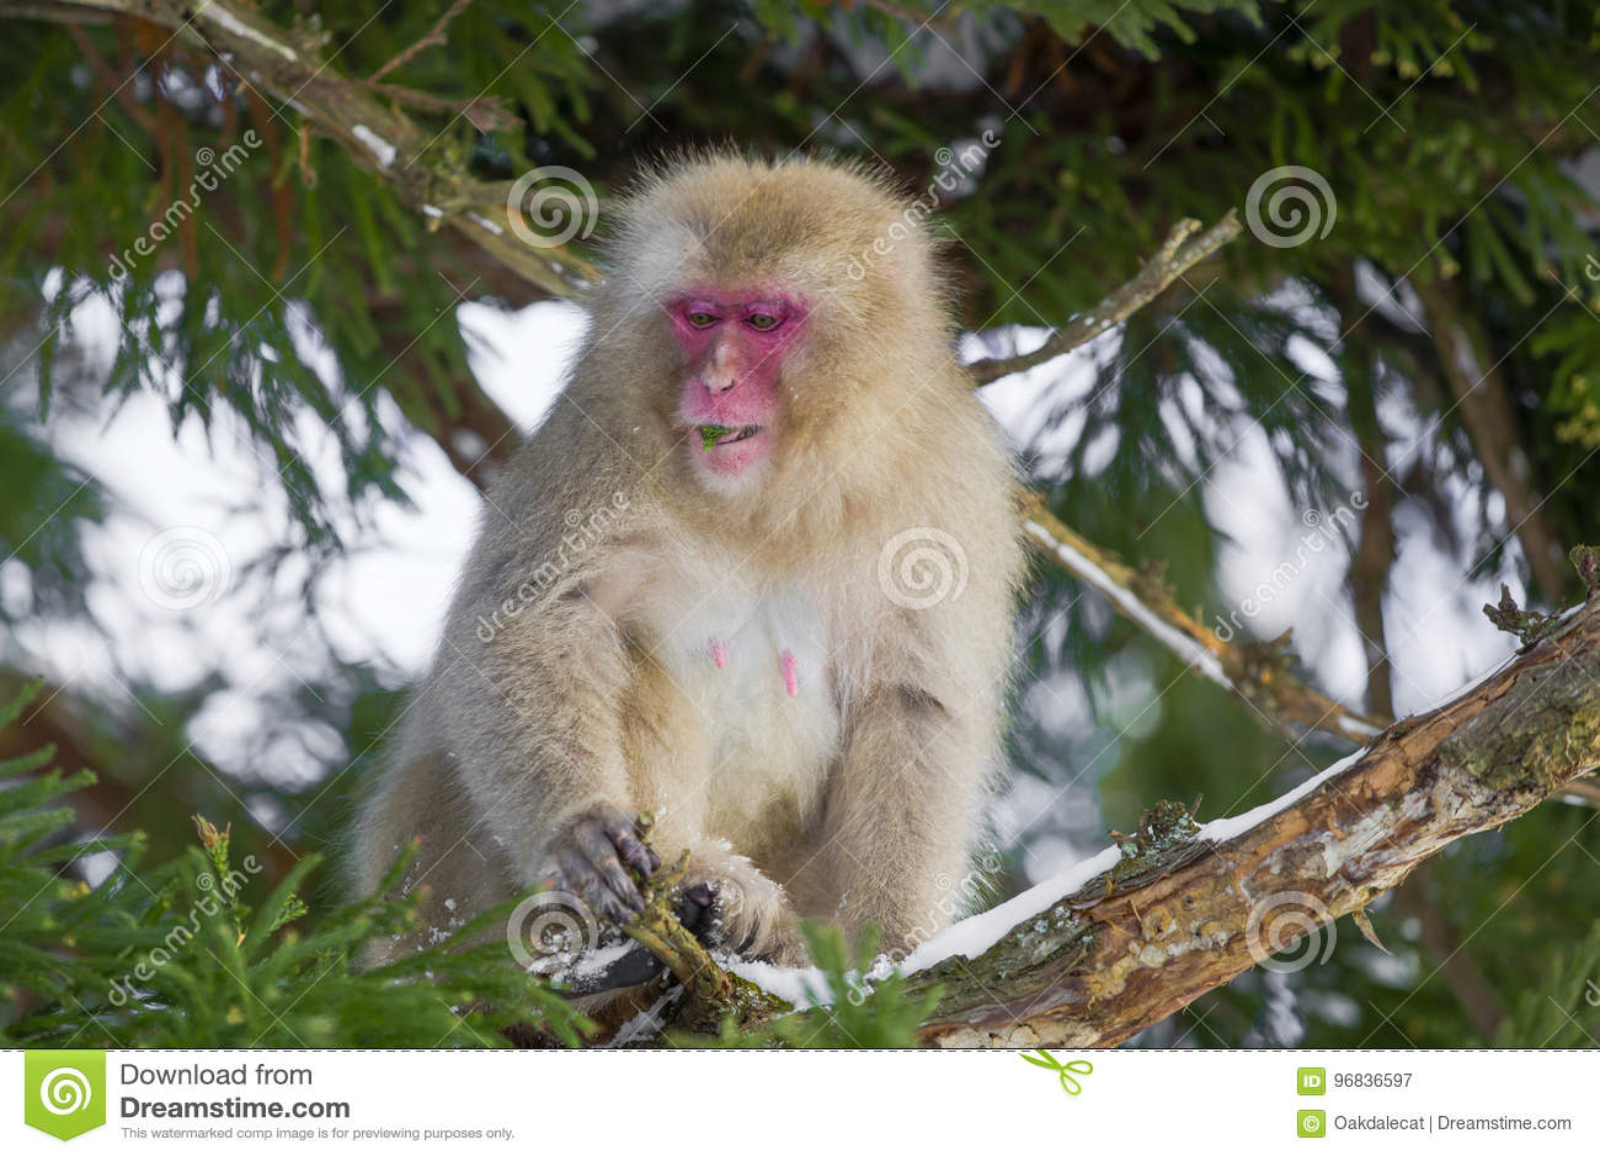 Snow Monkey Nibbling on Leaves in Tree